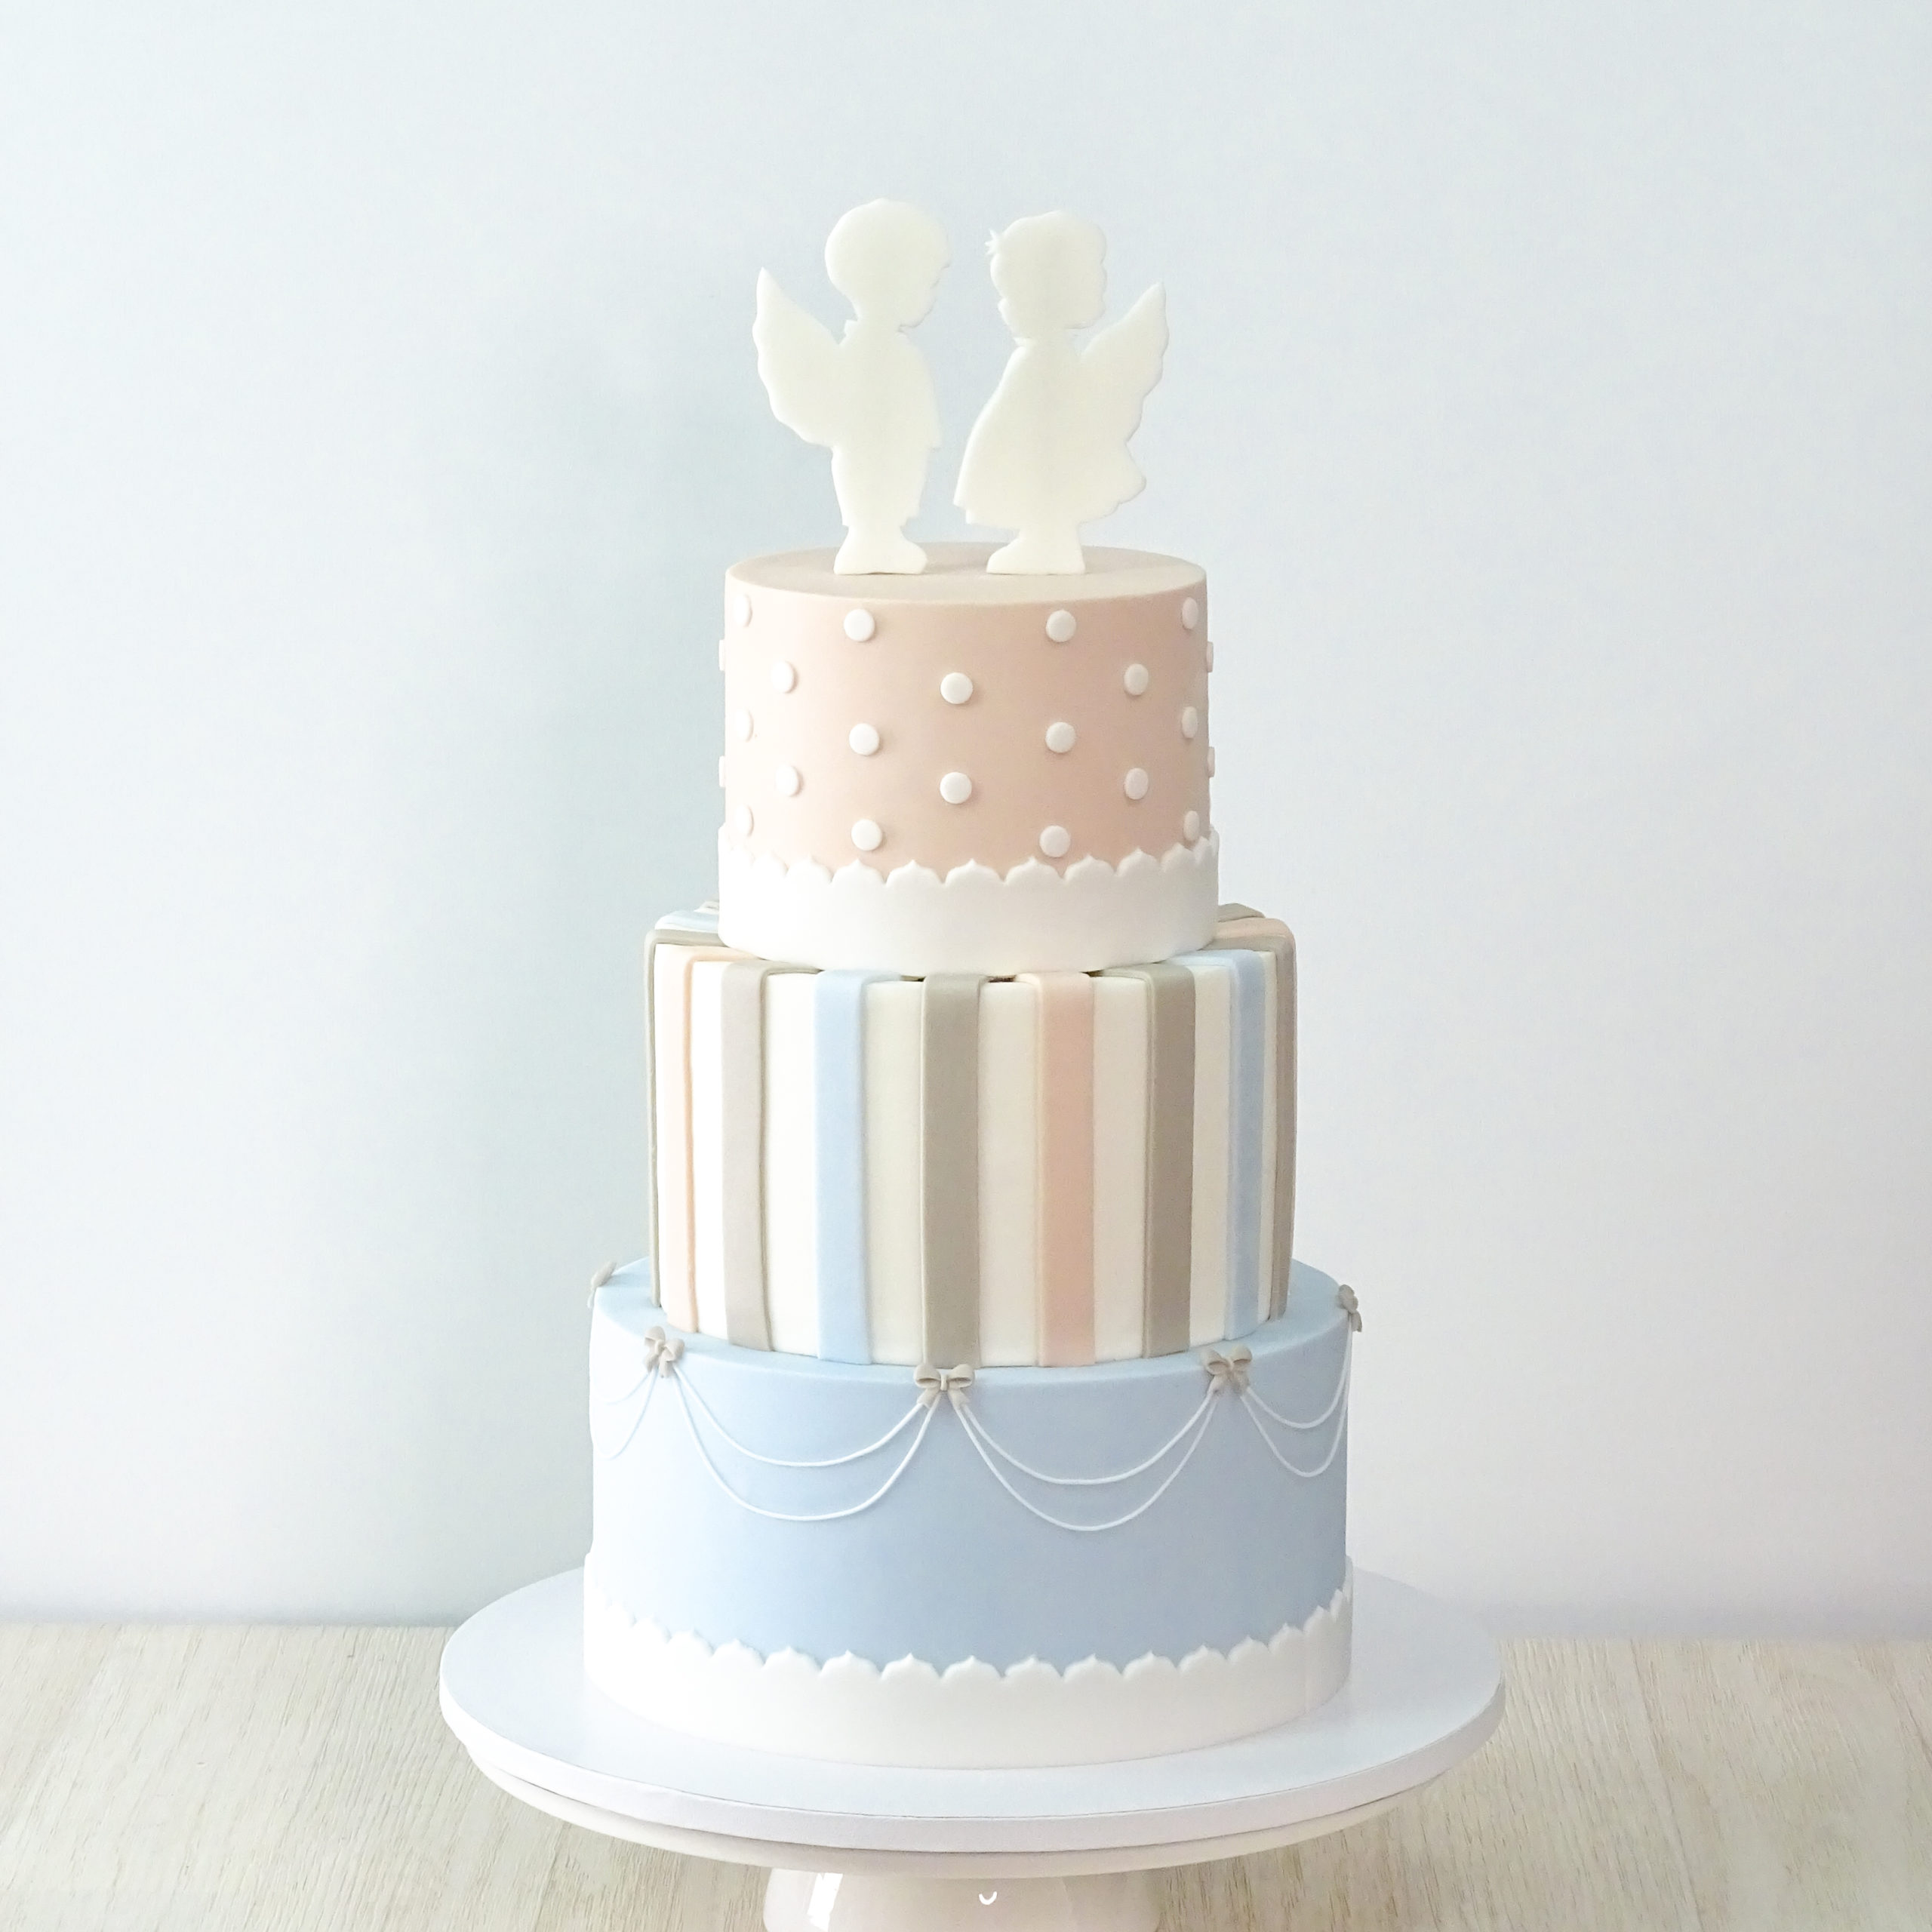 torta pois righe rosa azzurro con angeli bianchi